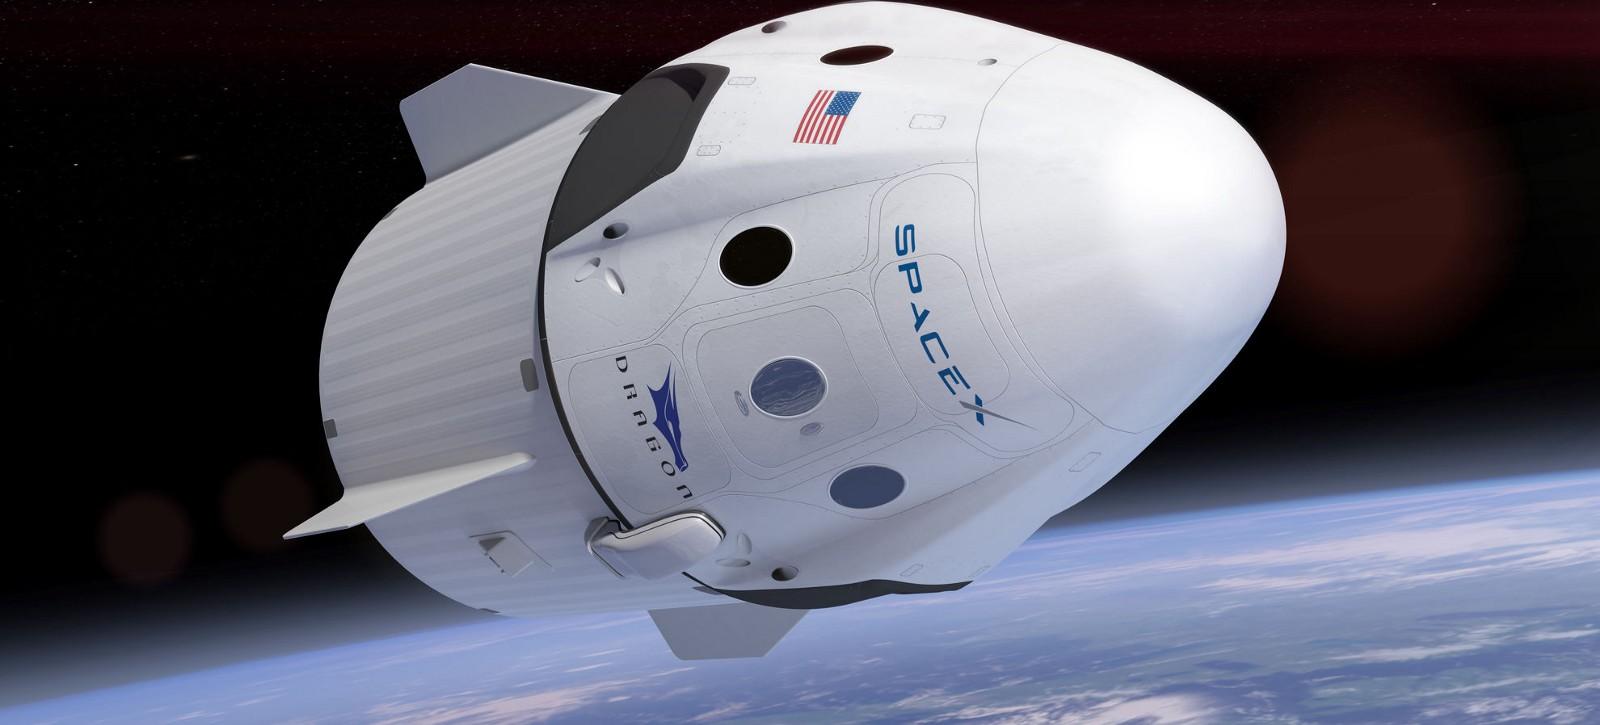 SpaceX отложила туристические полеты вокруг Луны как минимум на год